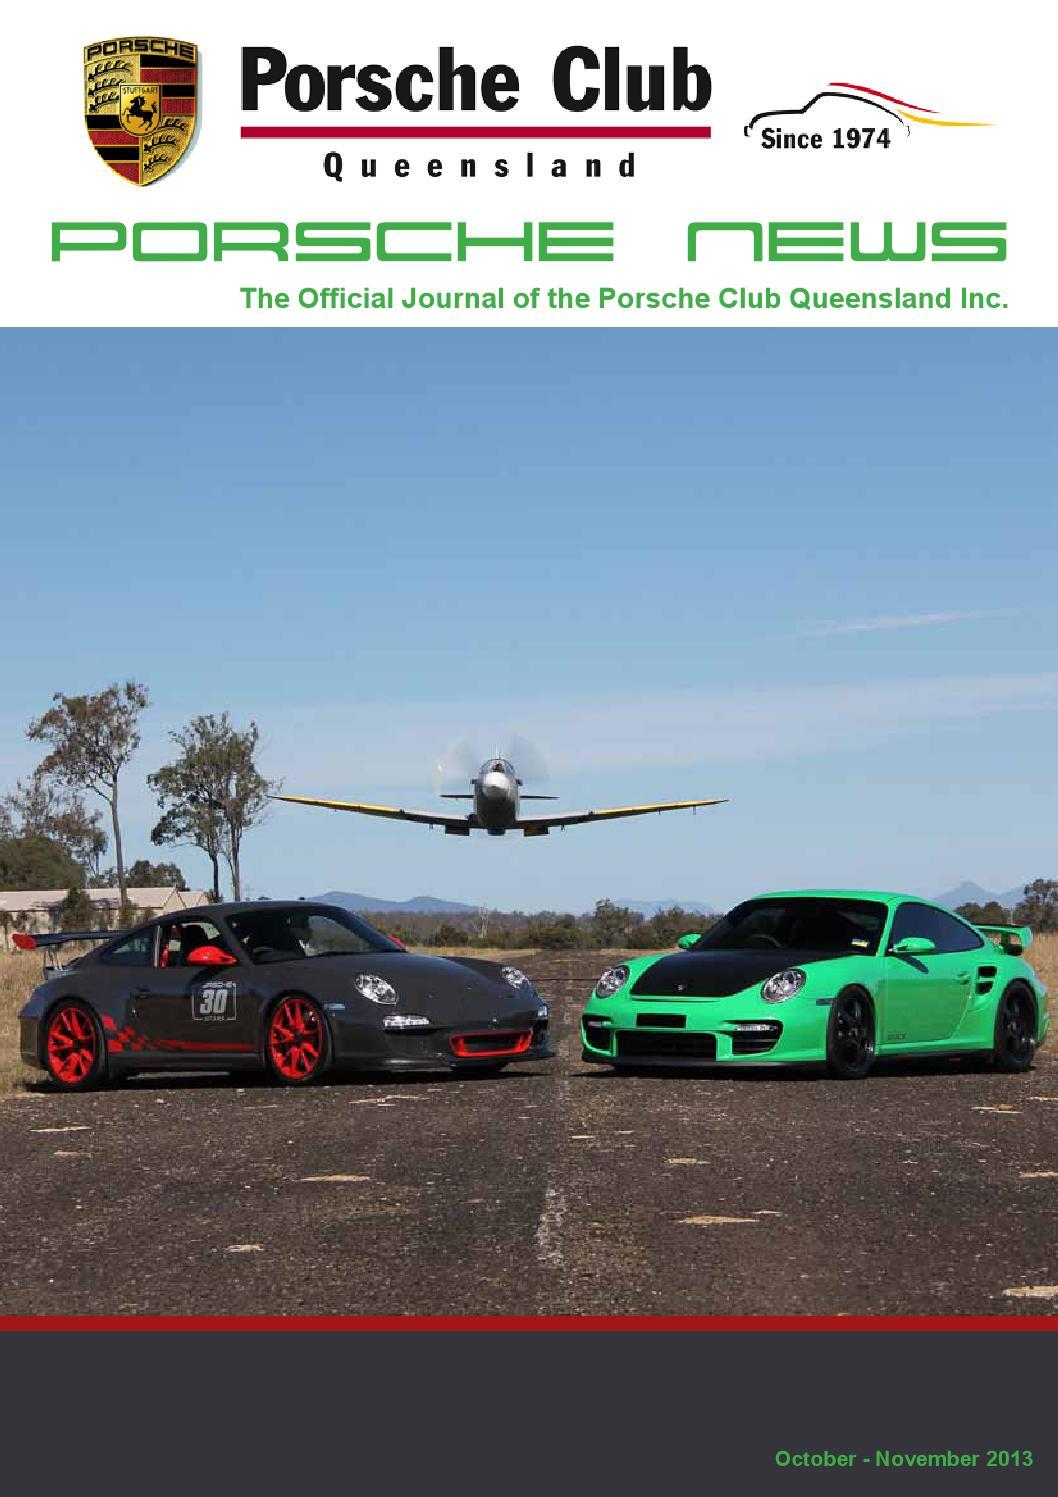 Porsche 911 928 968 Boxster 1989 1990 1991-2004 2005 Hella License Plate Light